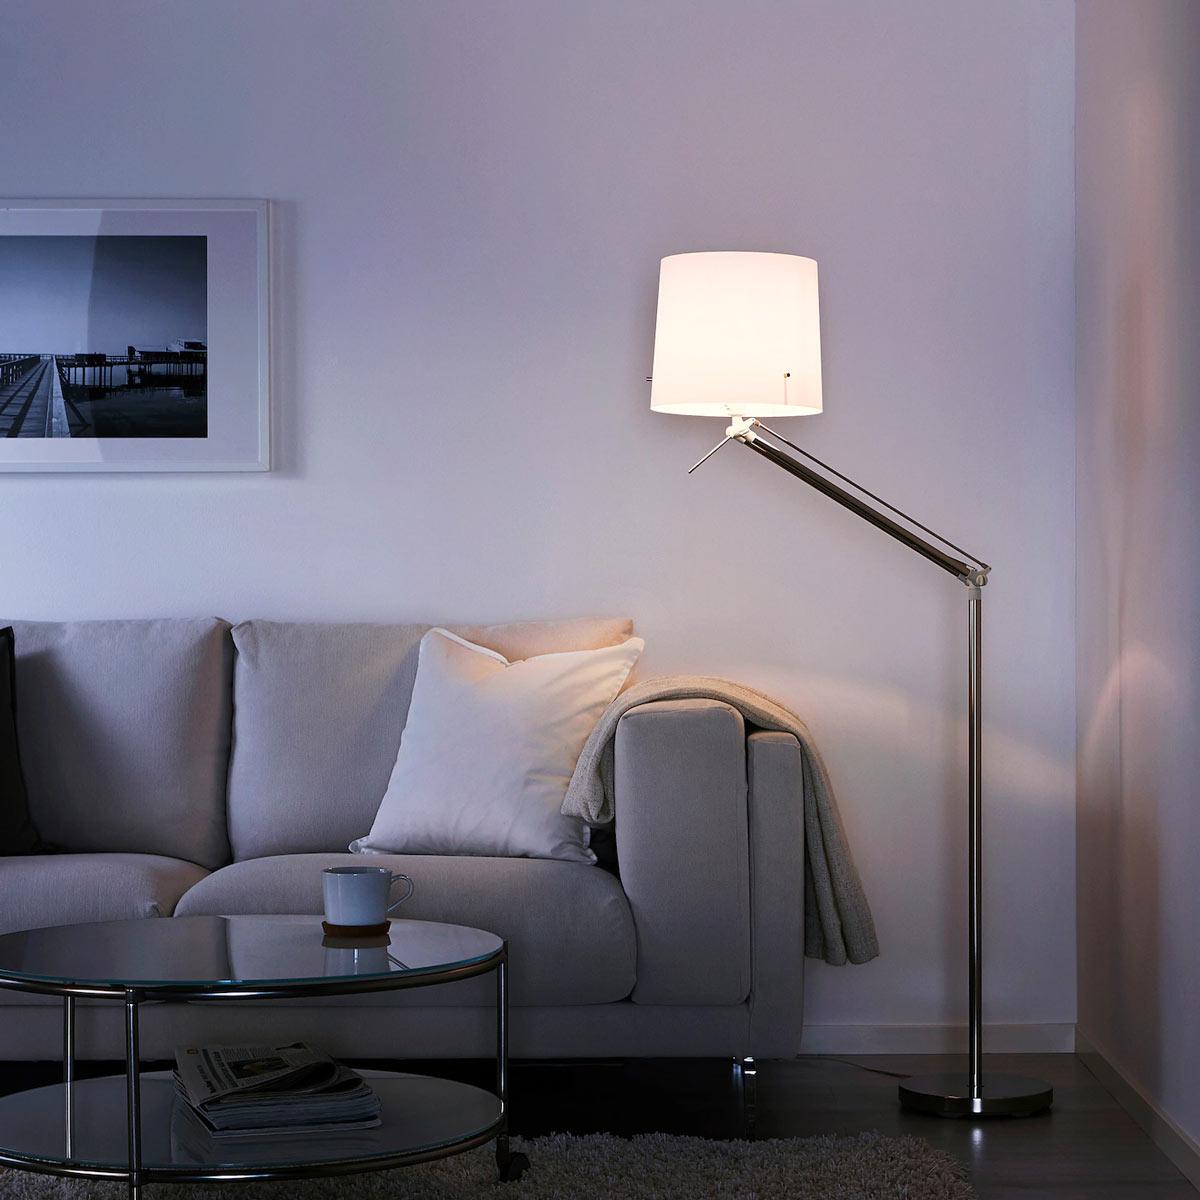 lampada SAMTID IKEA offerte fine serie settembre 2020